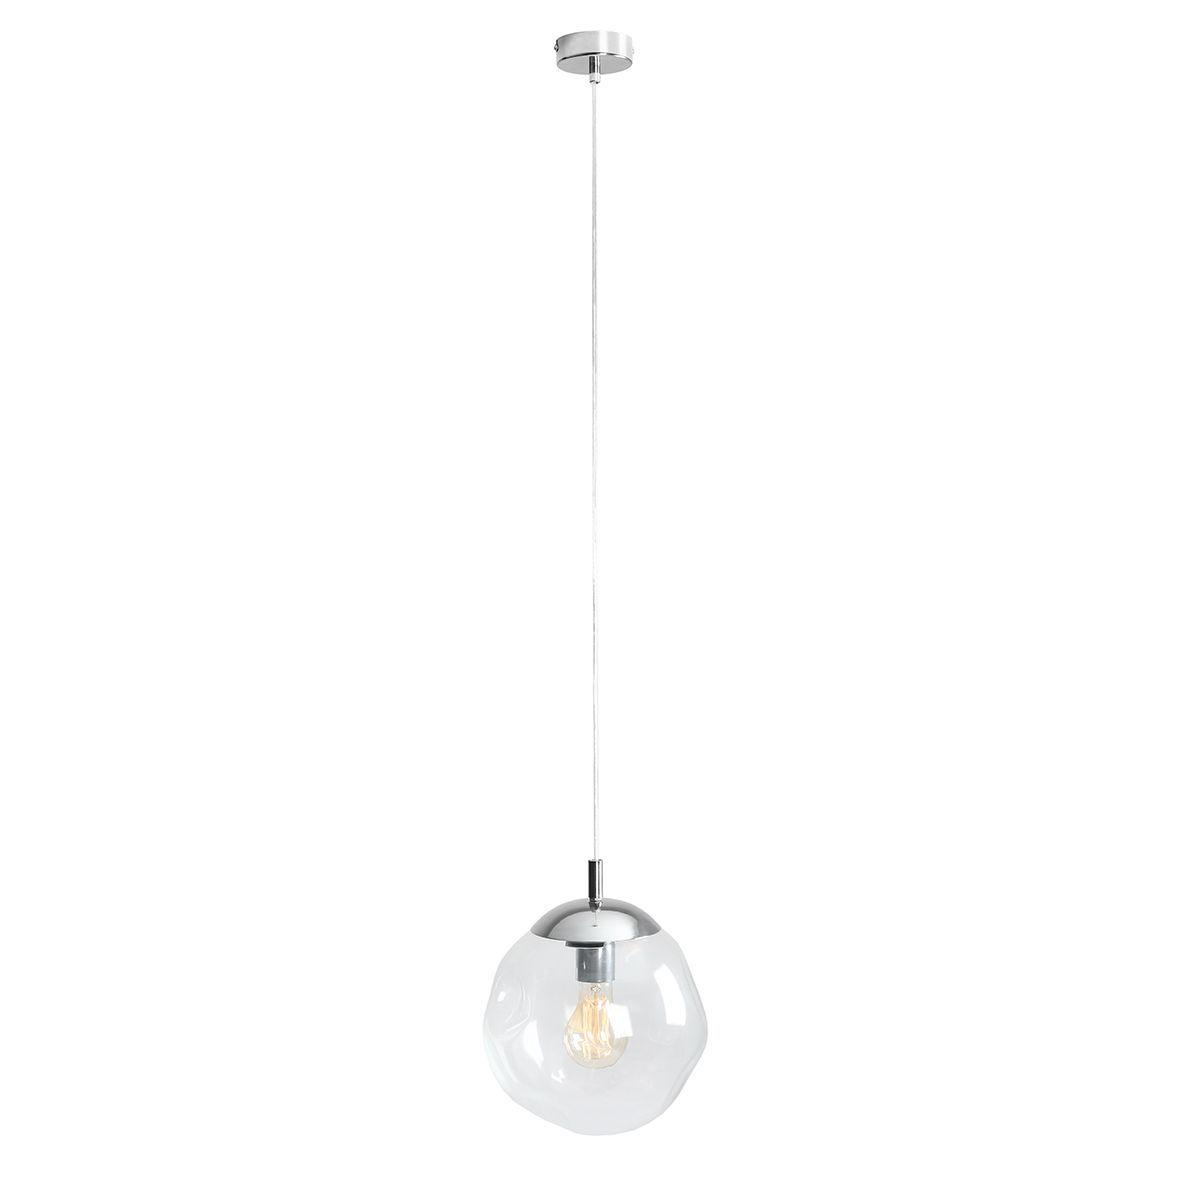 Lampa wisząca Aldex x1 Amalfi 25 cm Transparentny 1035G/S